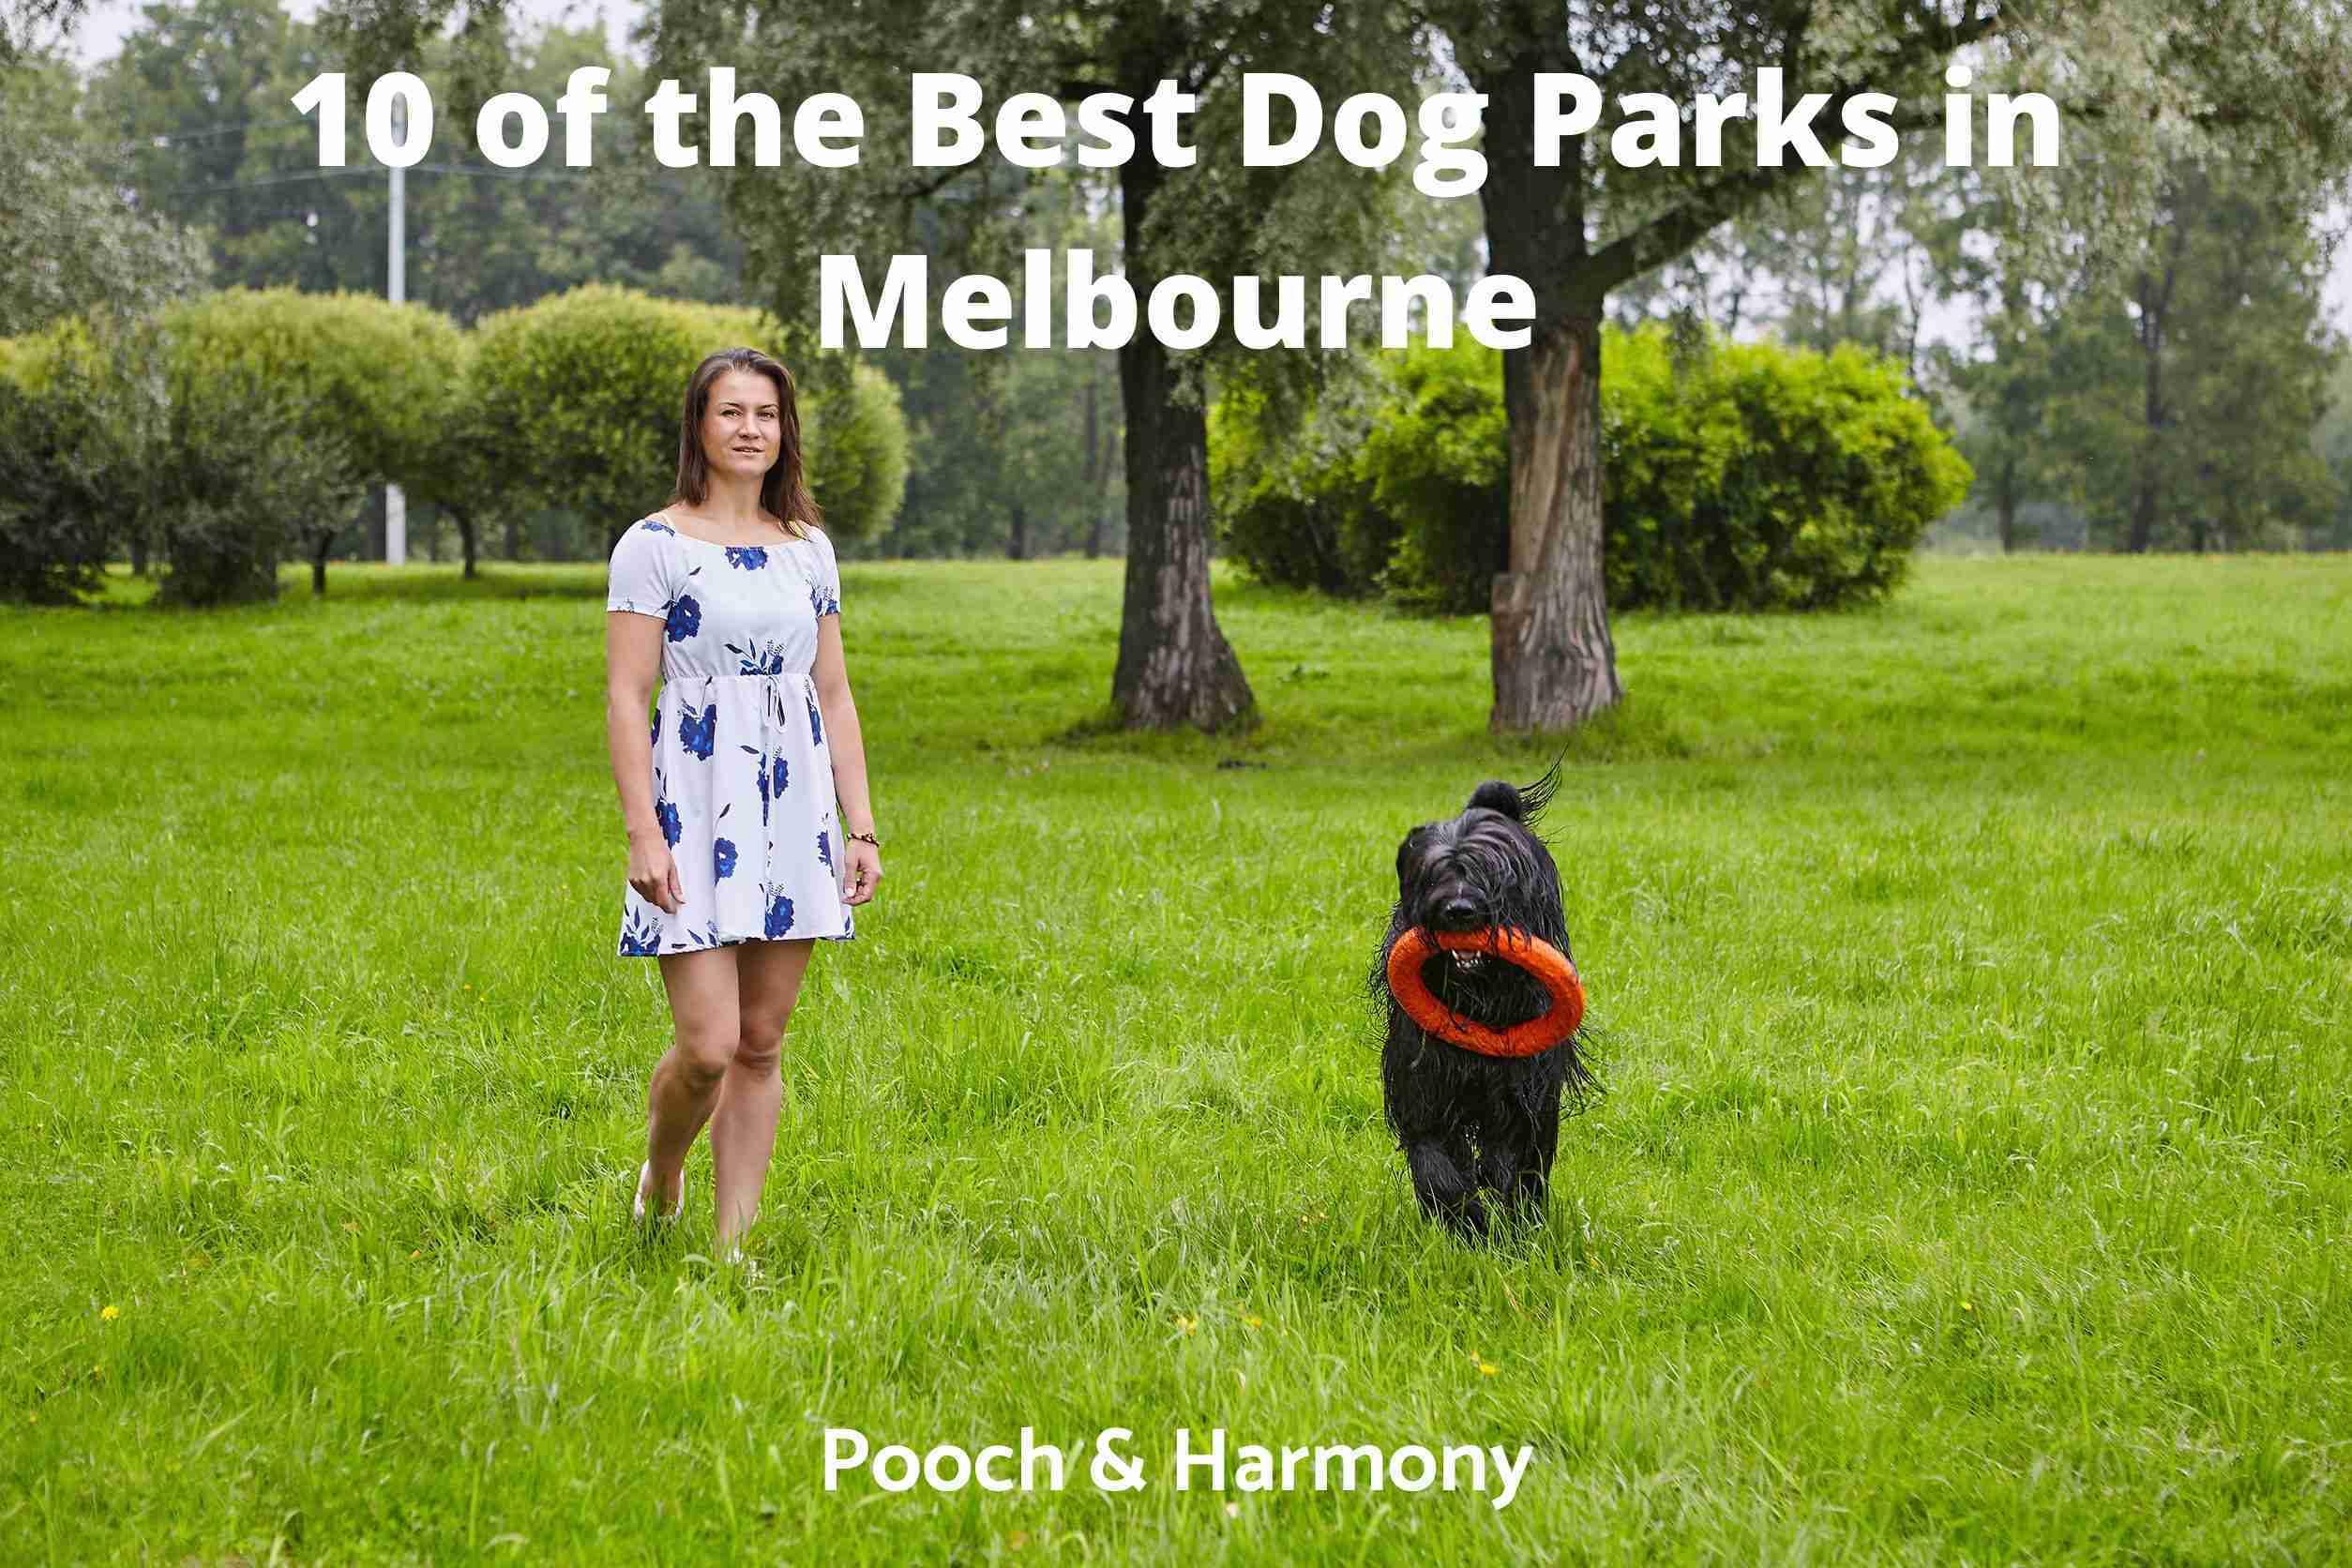 Best Dog Parks in Melbourne